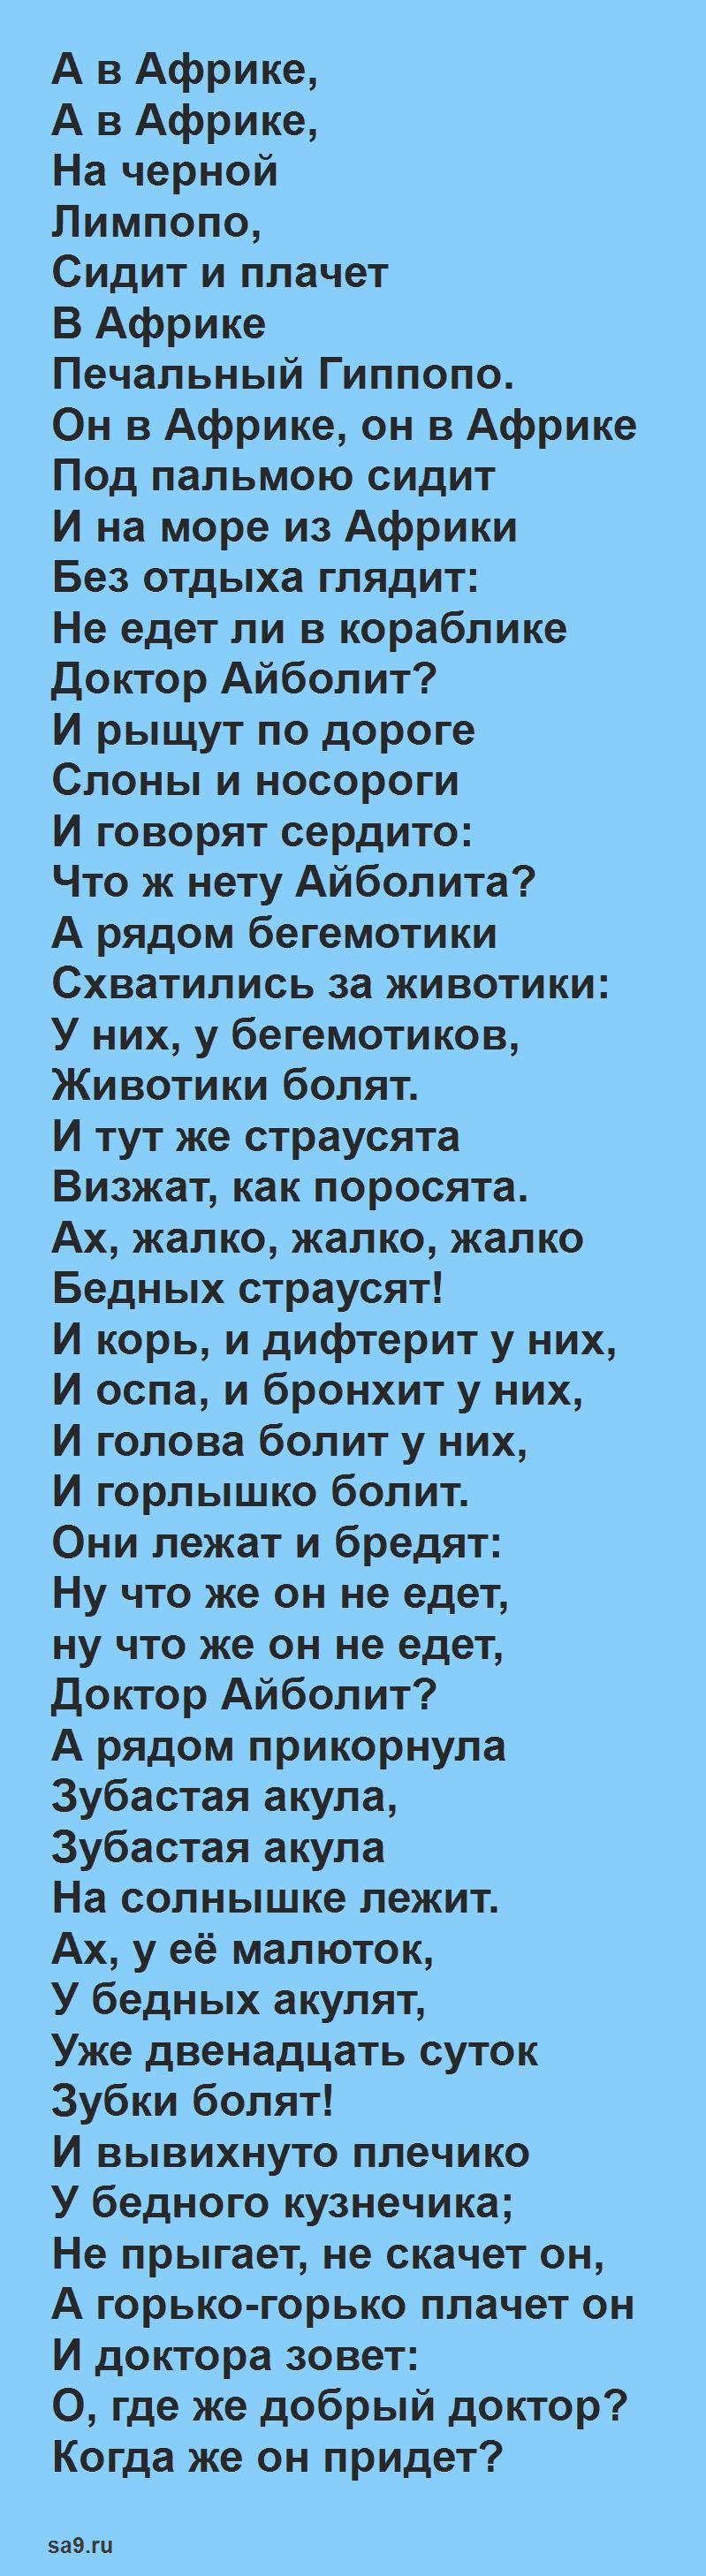 Чуковский сказка 'Айболит' для детей